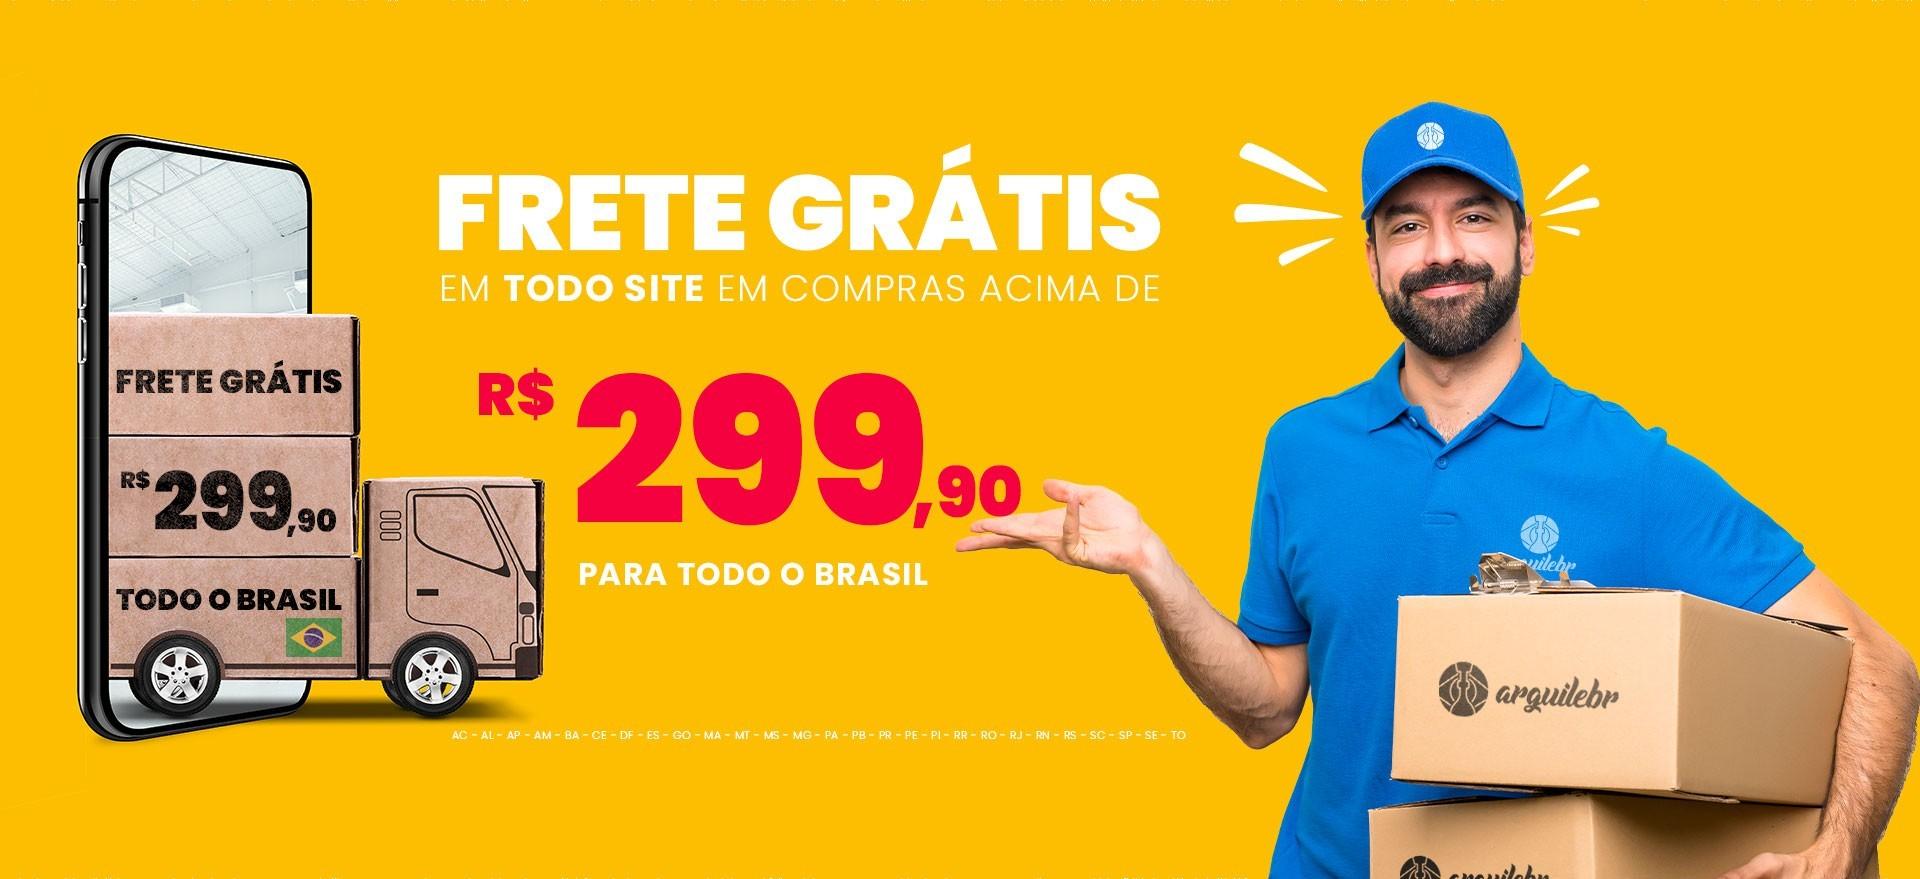 Frete Grátis para todo Brasil acima de R$299,90